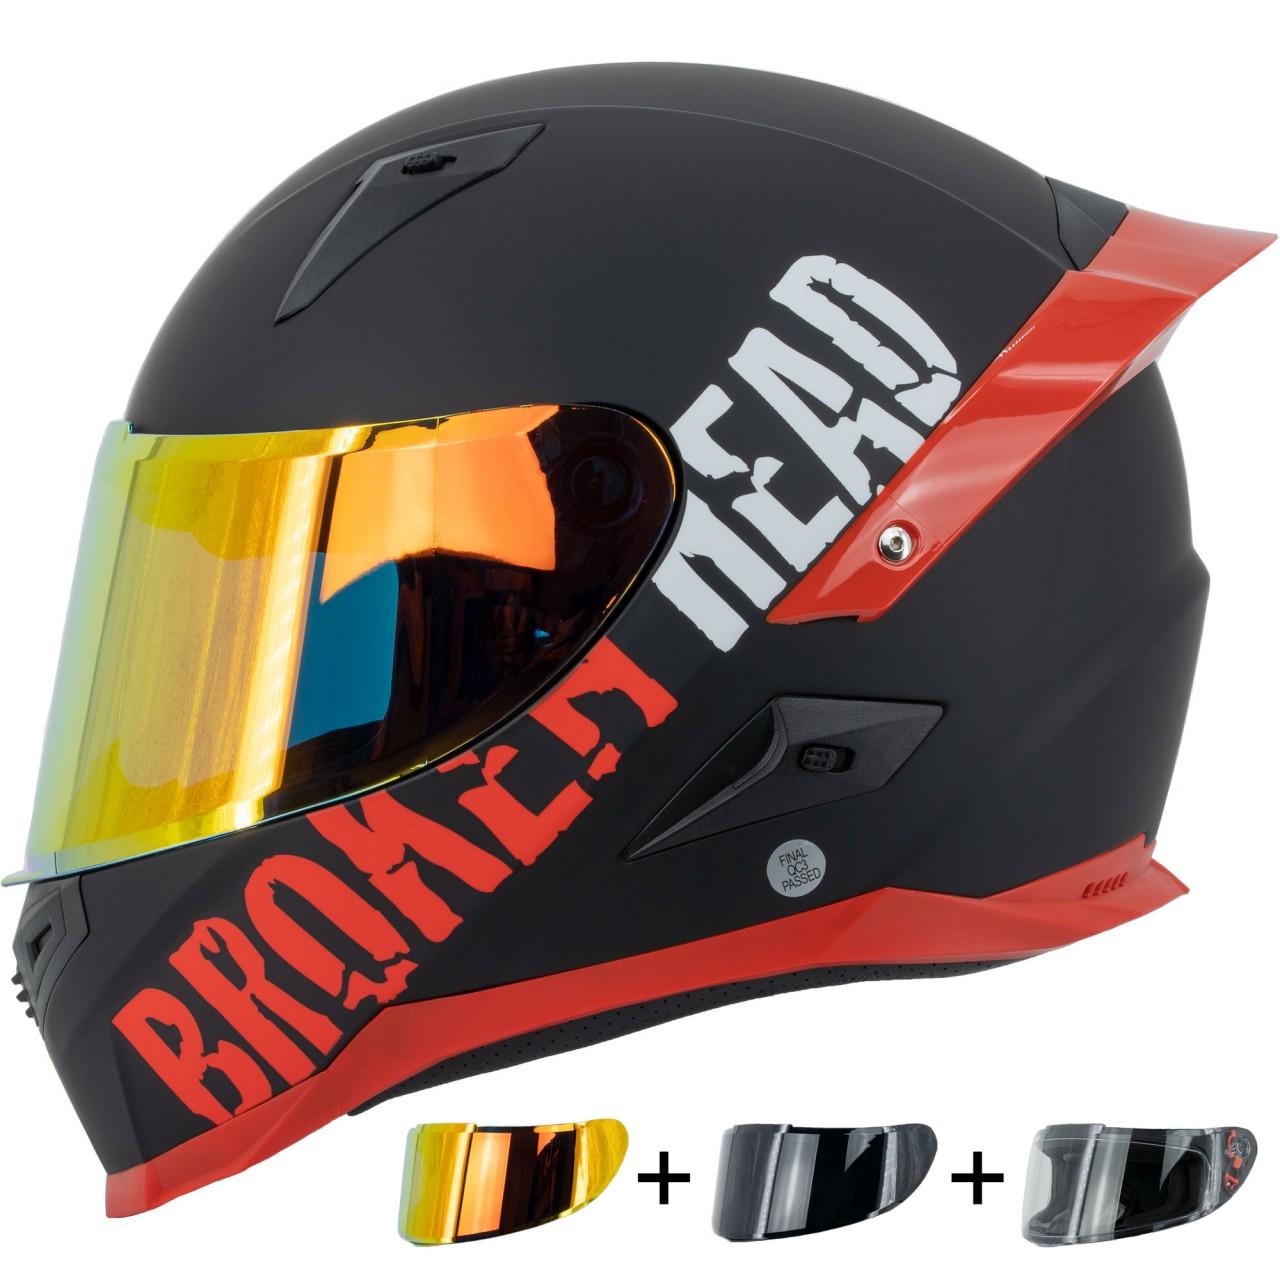 Sturzhelme Broken Head BeProud Pro Rot | Limited Mirror Edition | inkl. schwarzem + rot-...